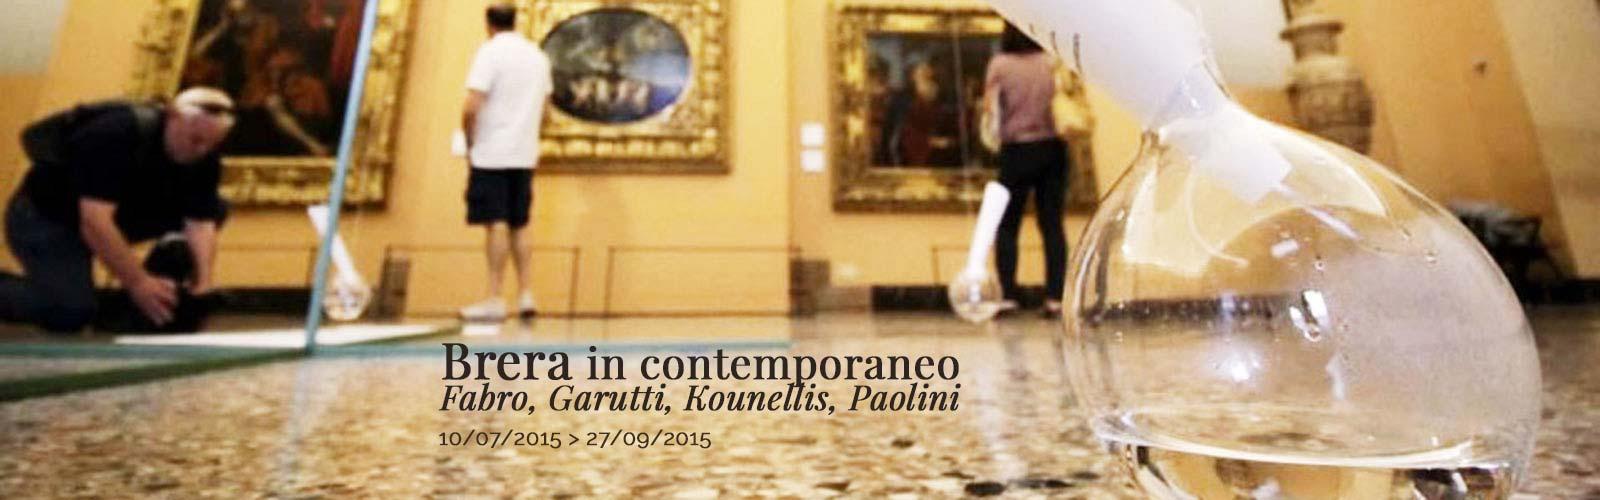 Brera in contemporaneo – Fabro, Garutti, Kounellis, Paolini